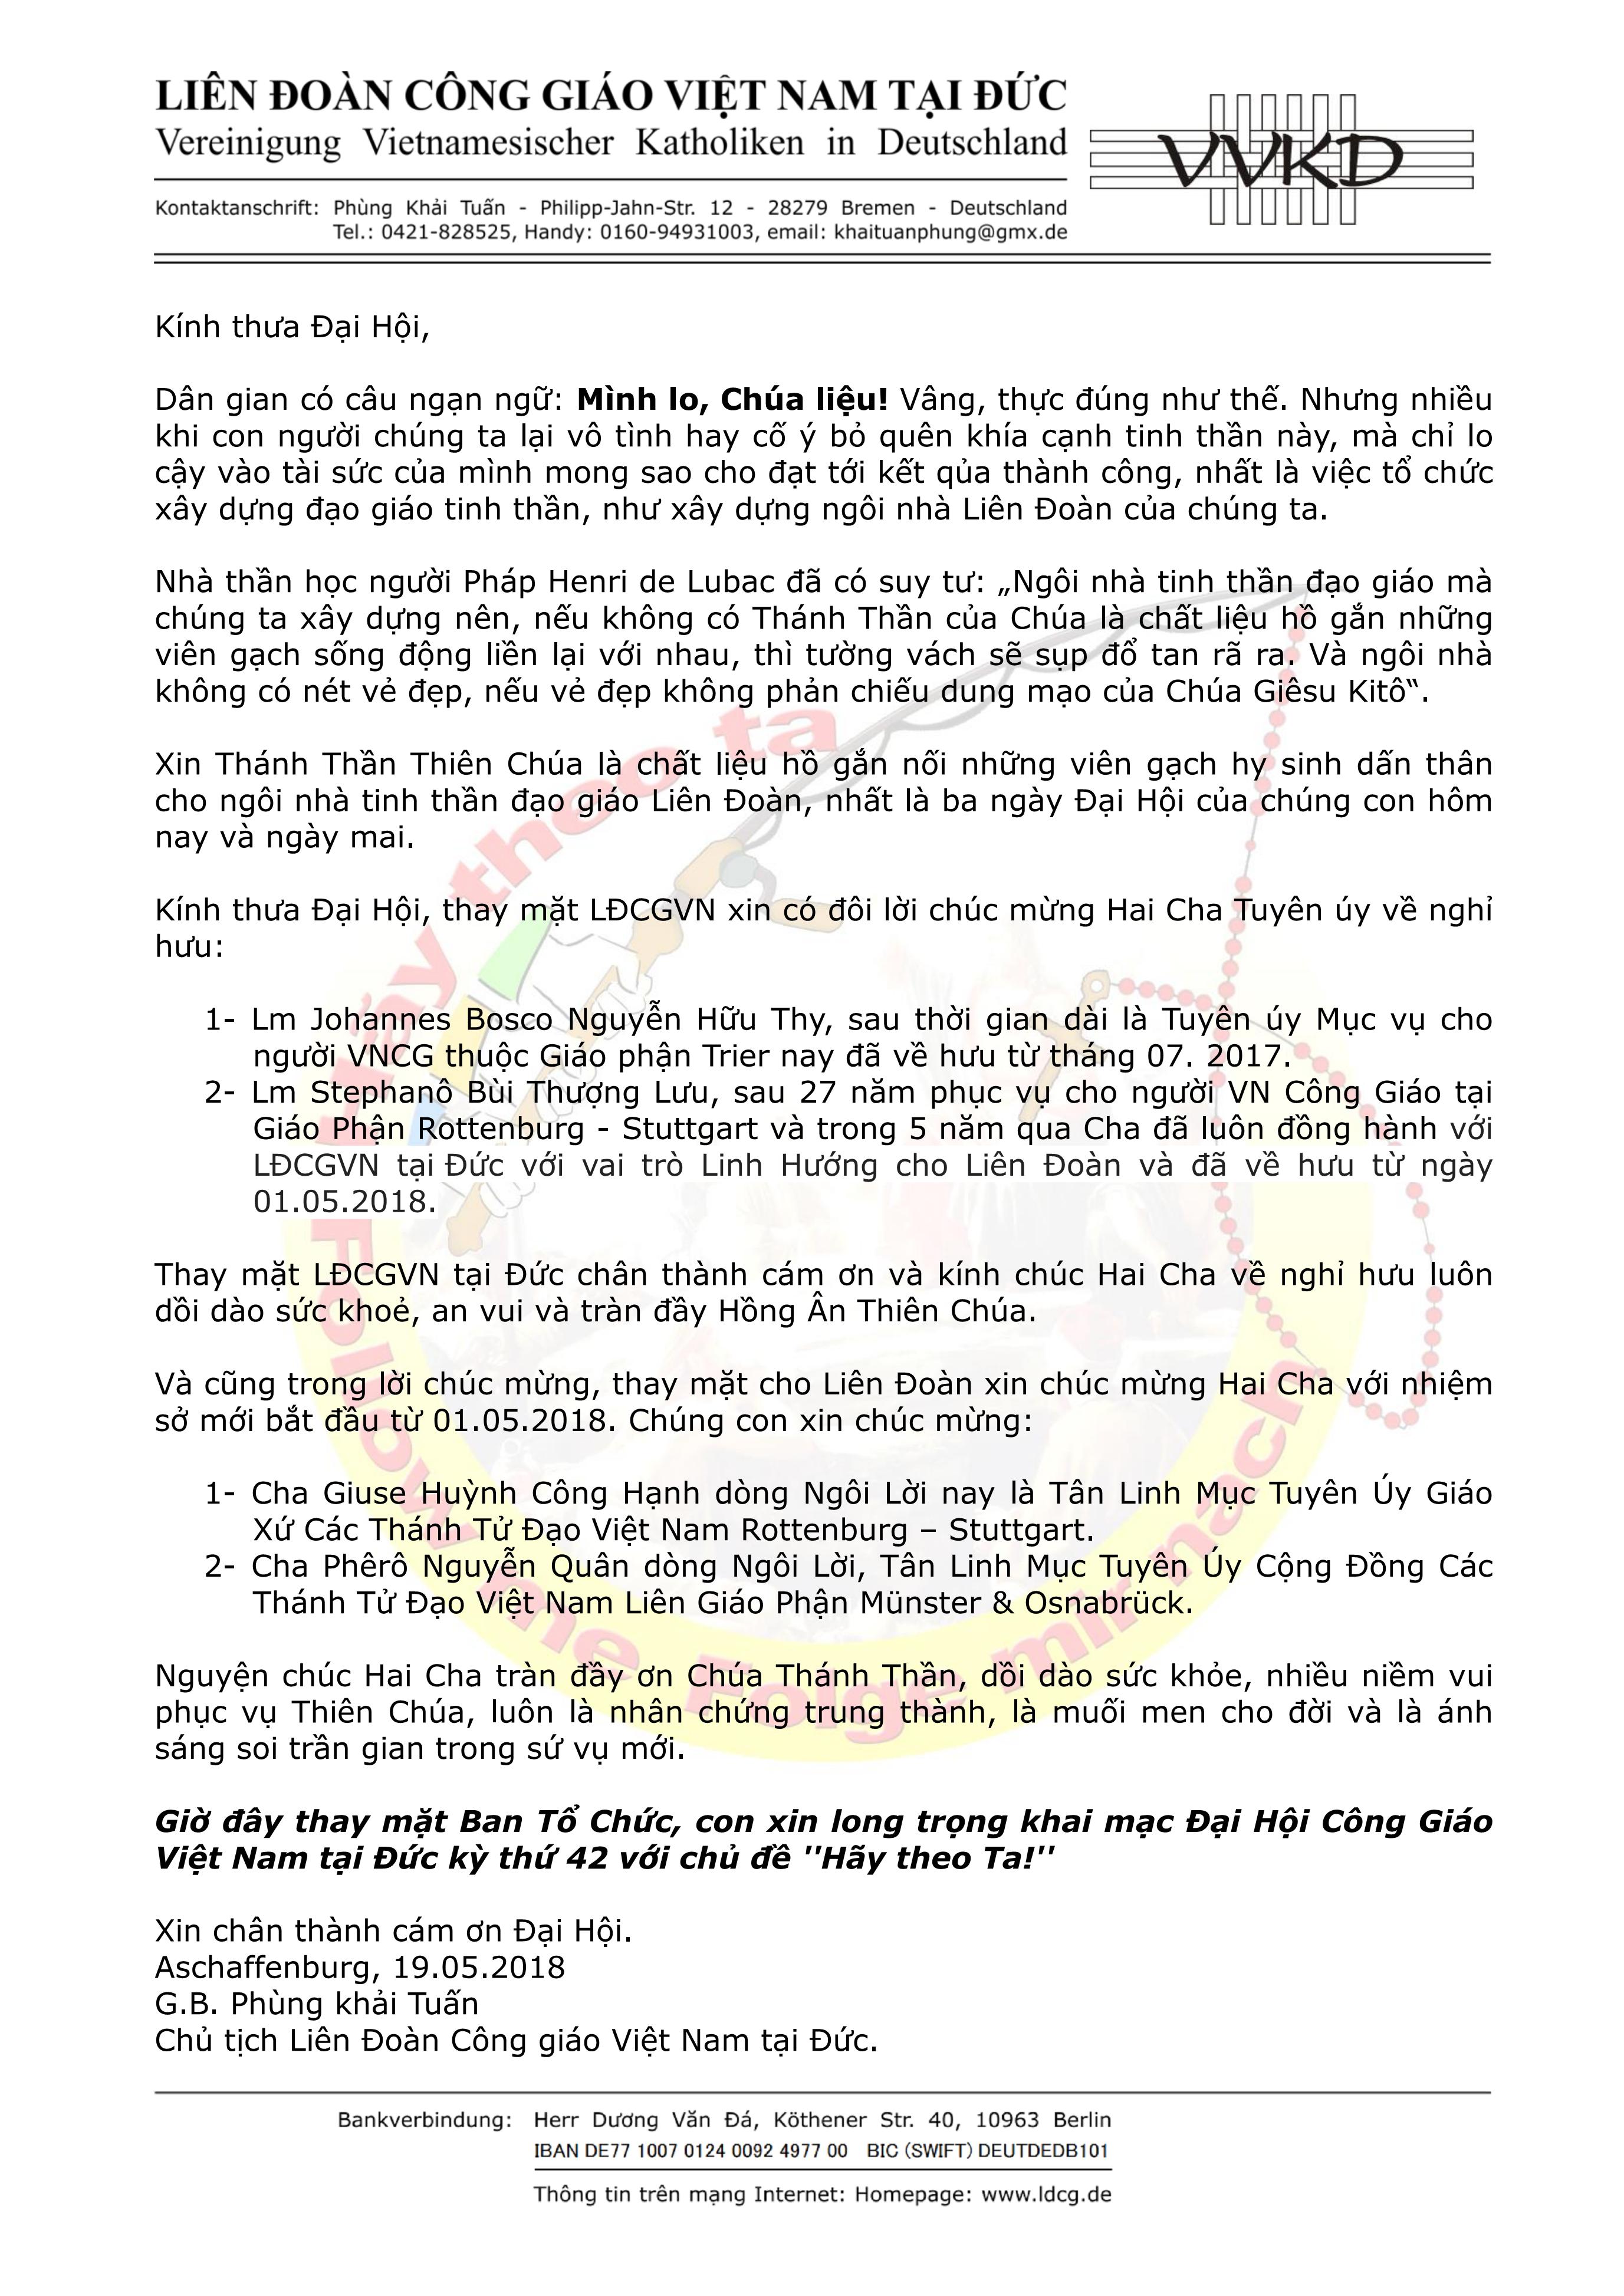 Dien Van Khai Mac DHCG42 02